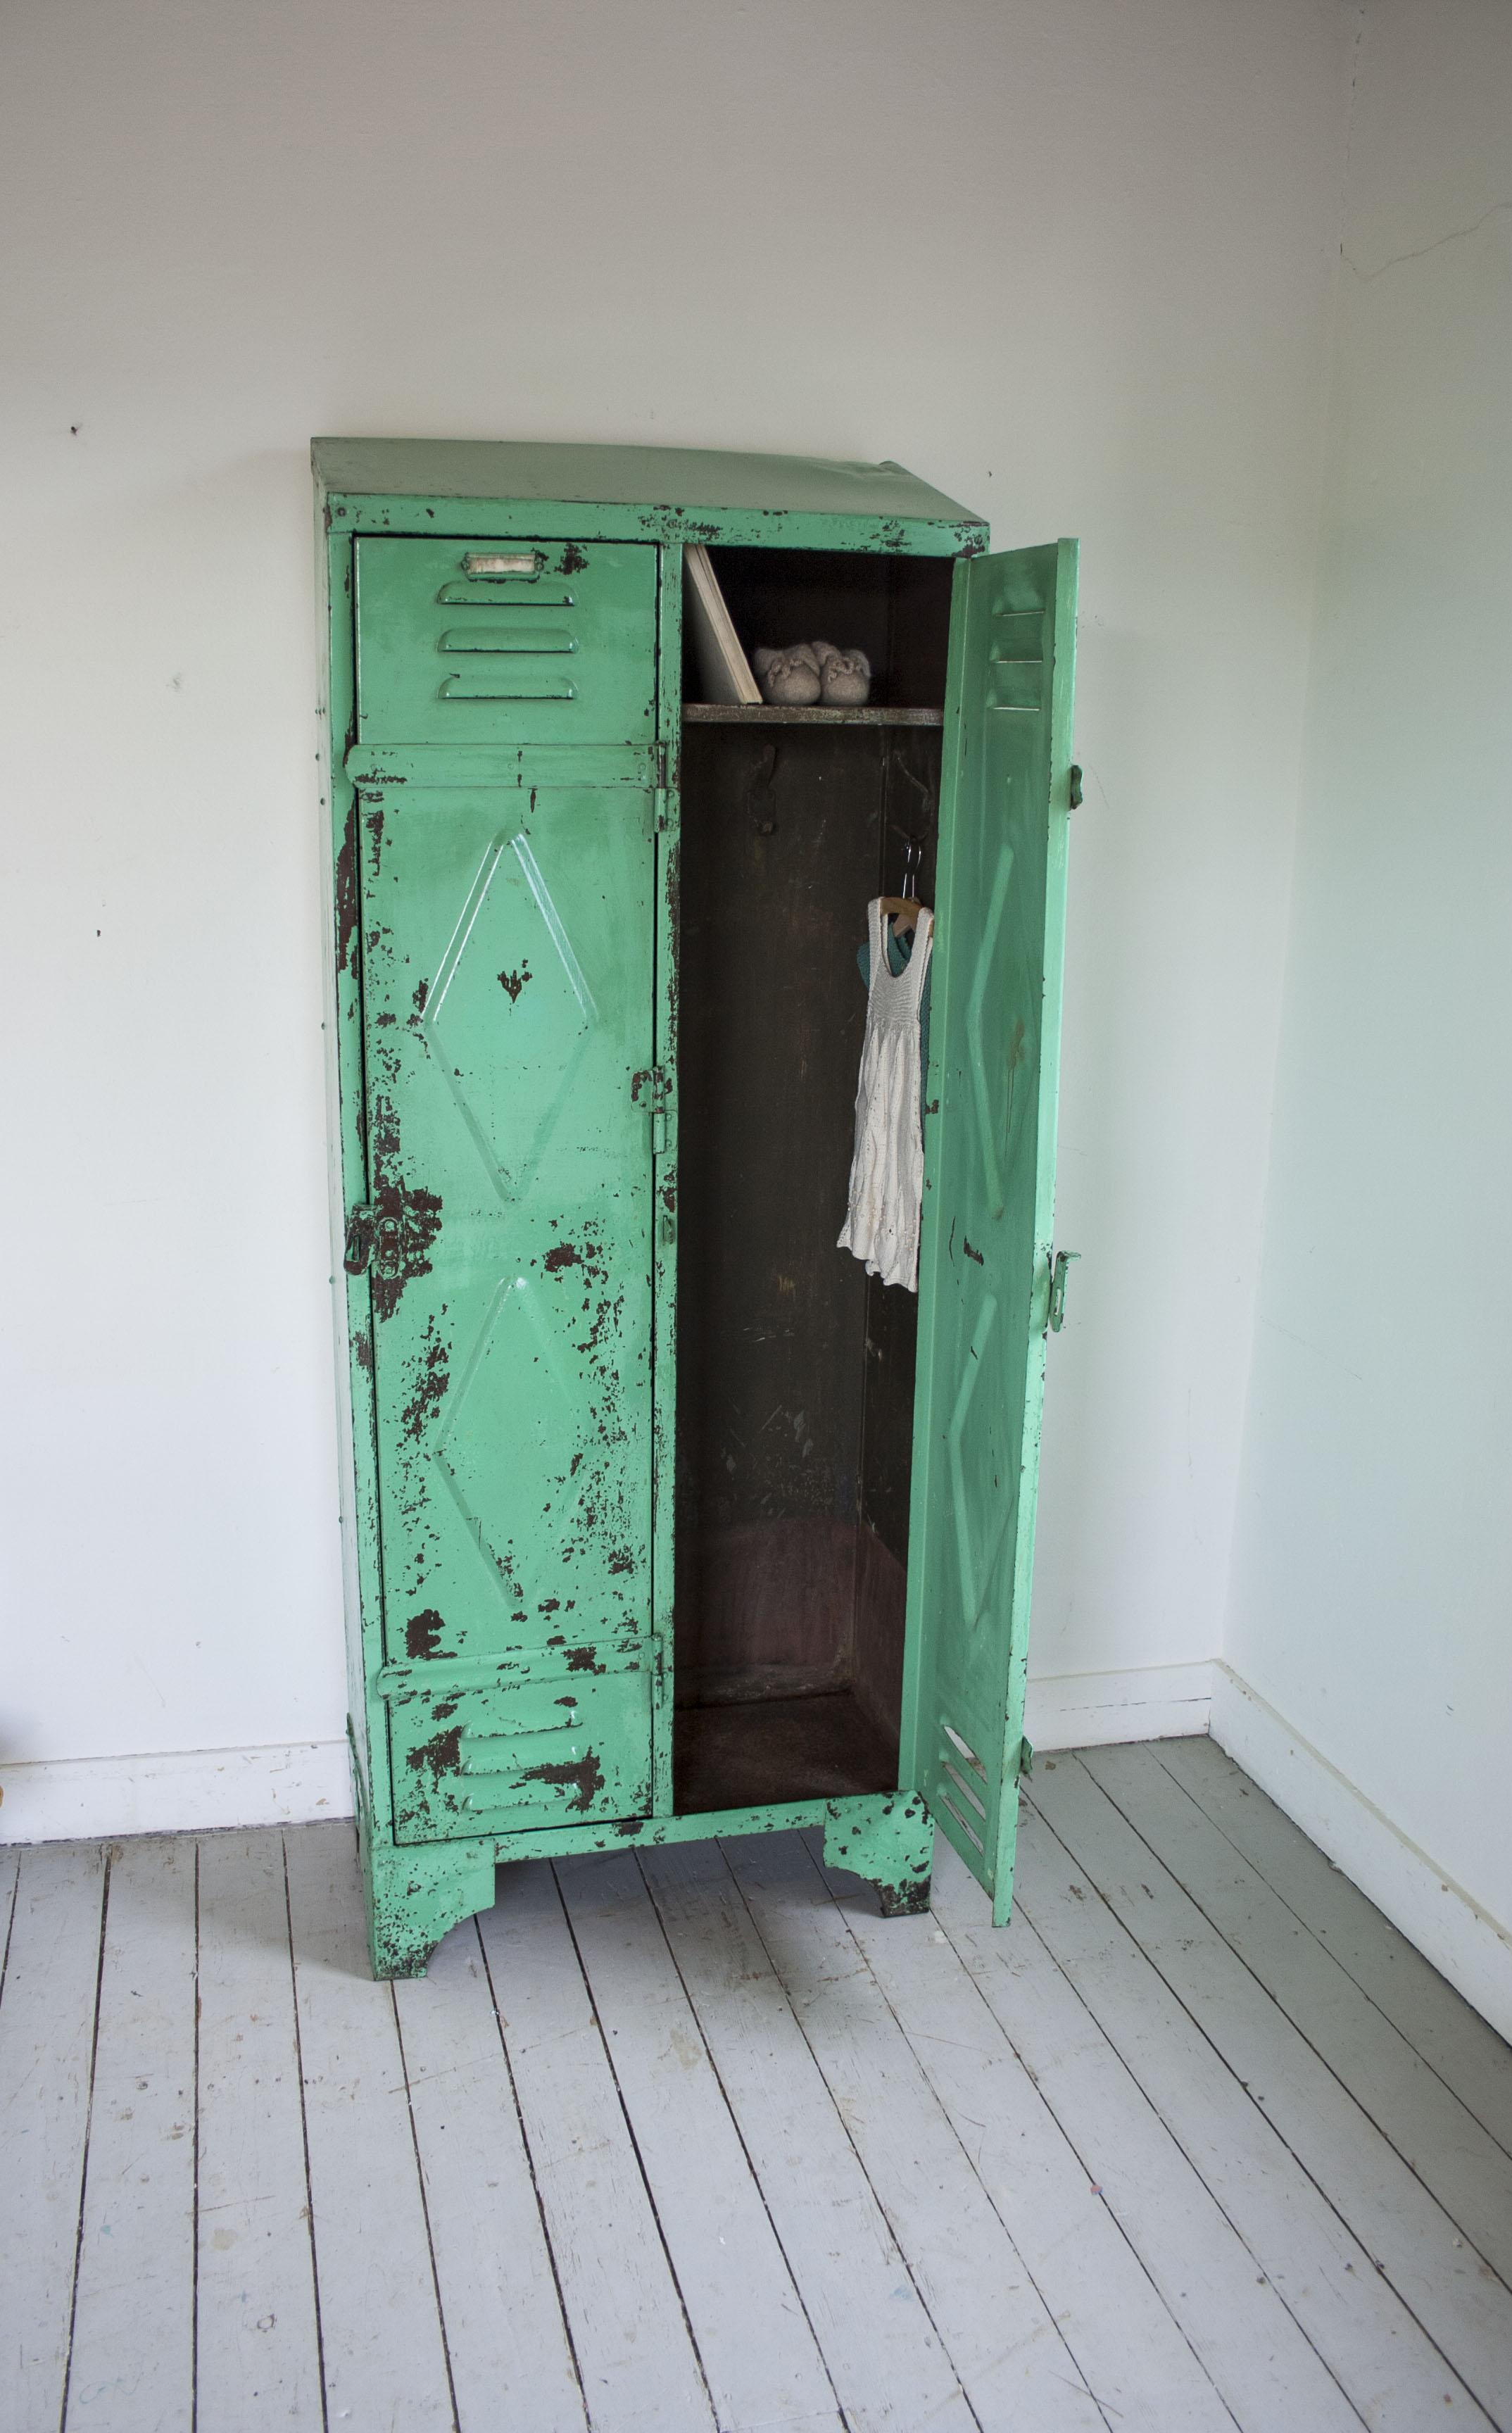 mintgroene locker 2 deuren_2.jpg